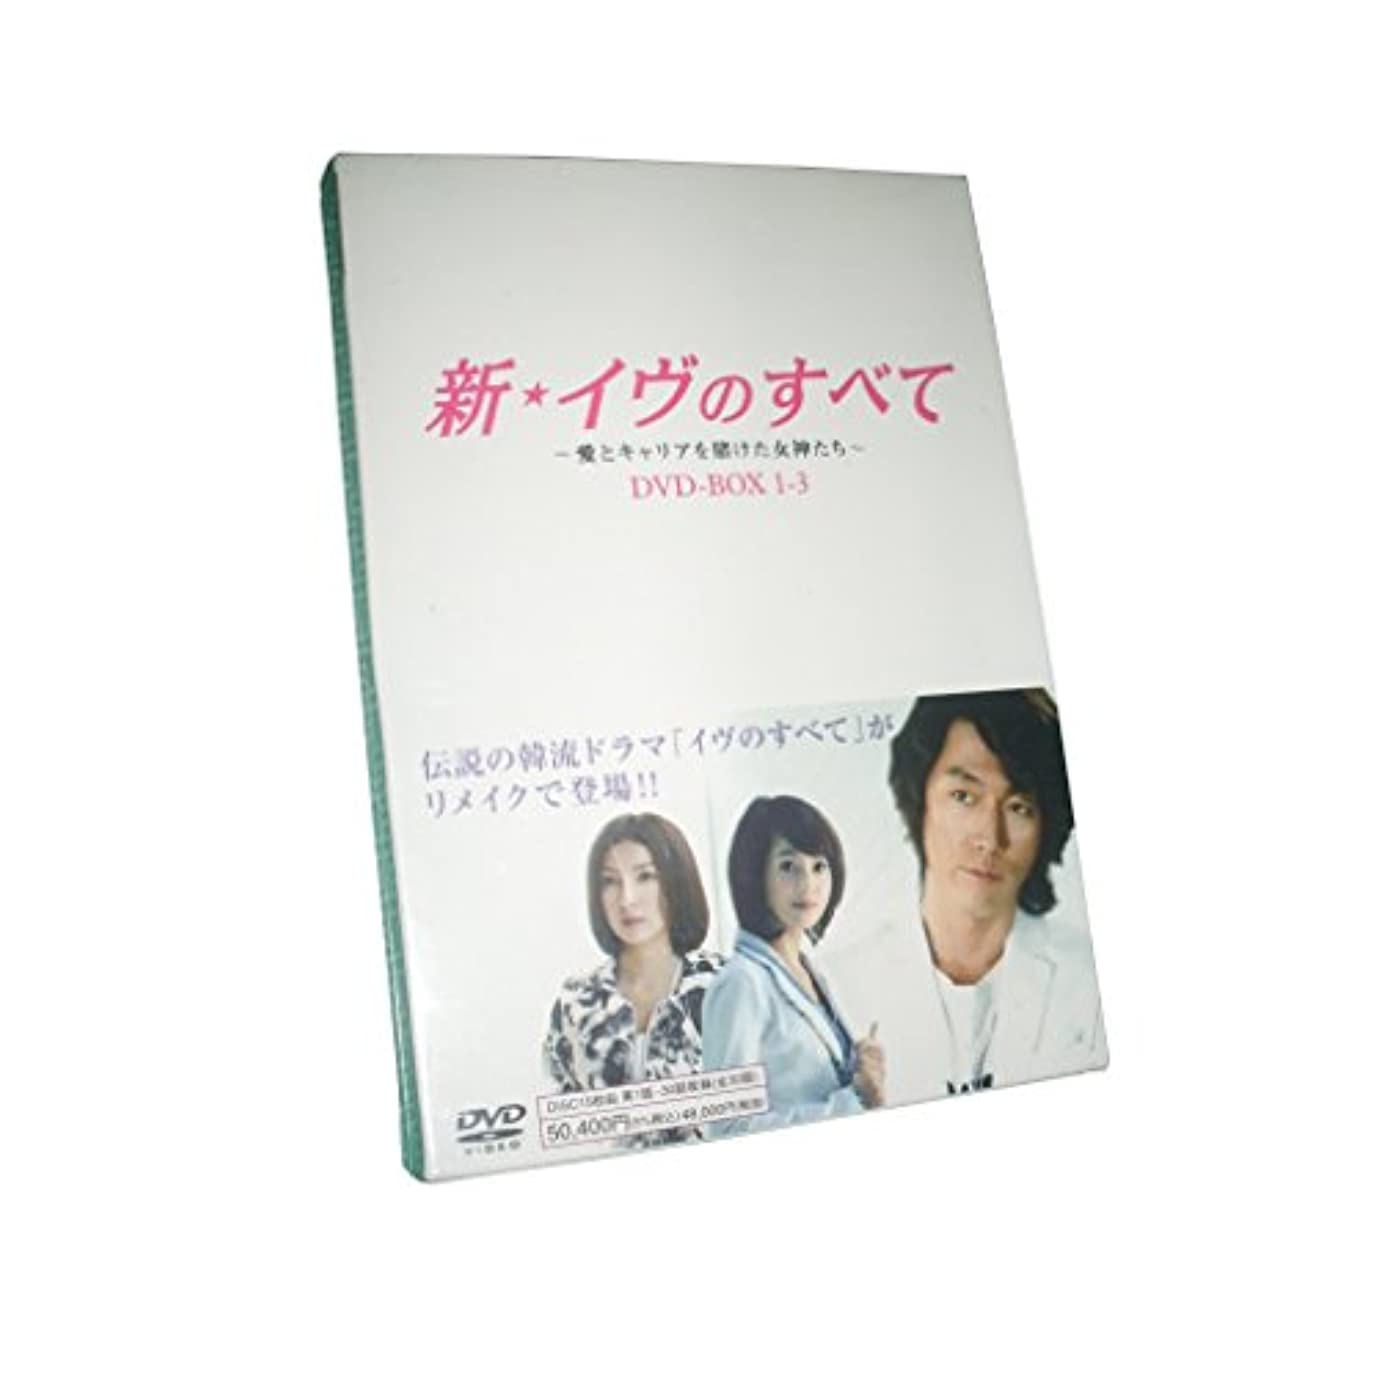 ローブ気をつけてスカルク新・イヴのすべて ~愛とキャリアを賭けた女神たち~ BOX1-3 2011主演: チャン・ヒョク